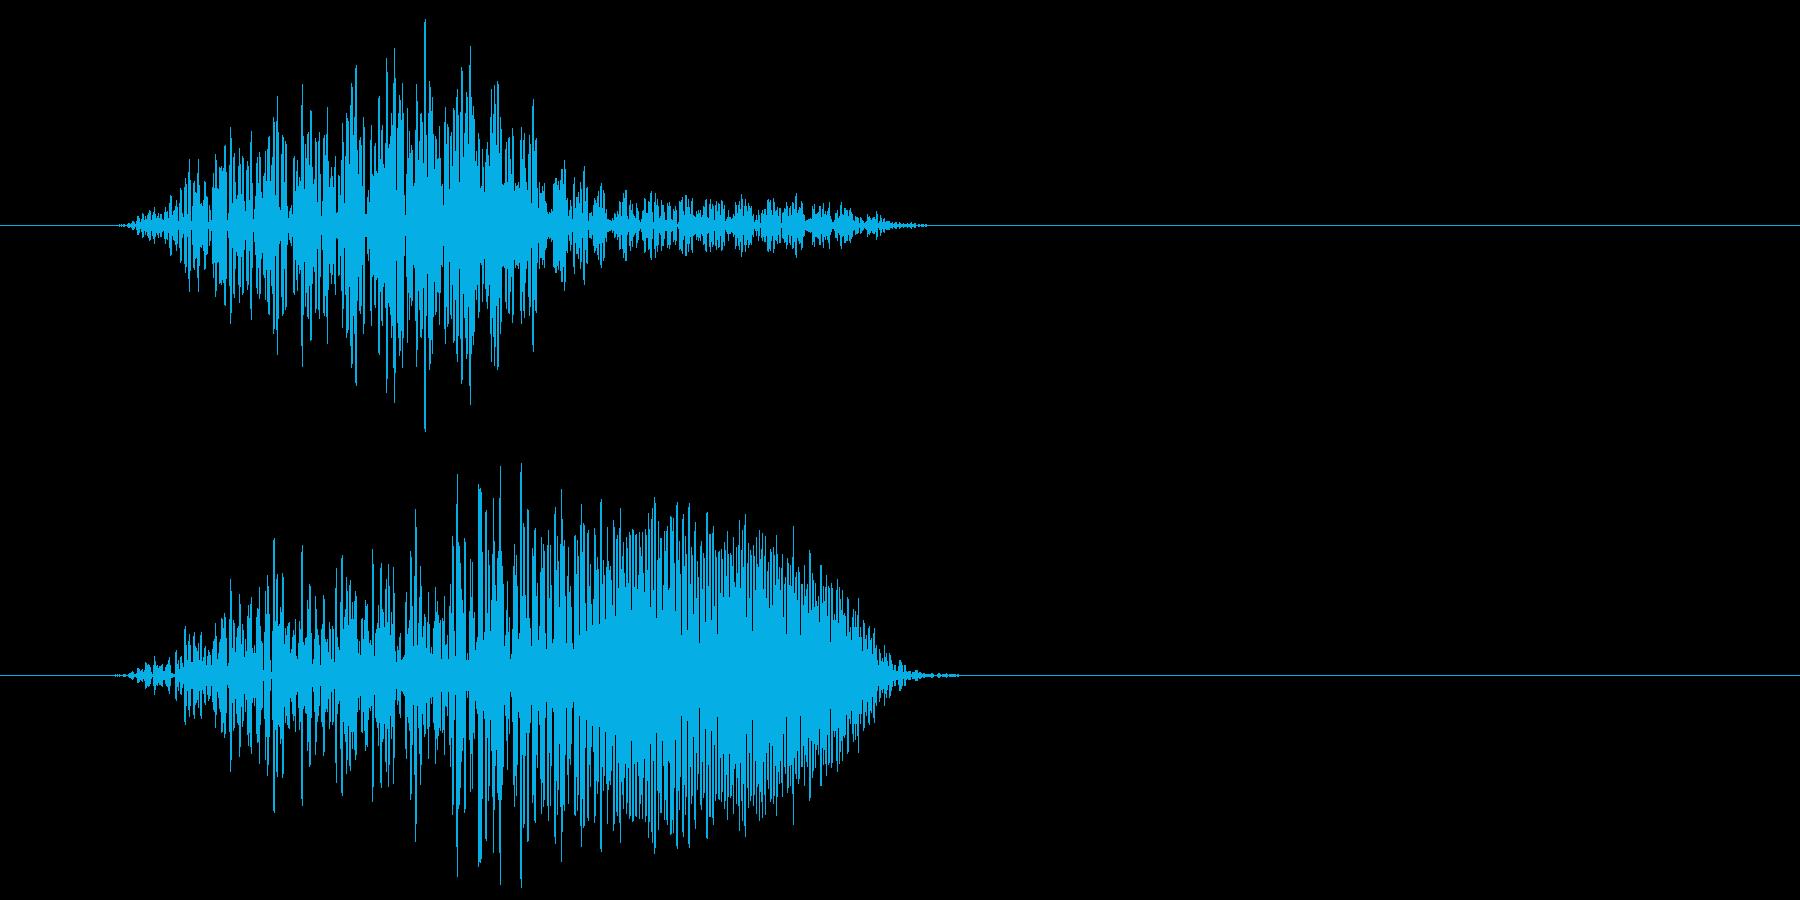 パァという明るい効果音の再生済みの波形